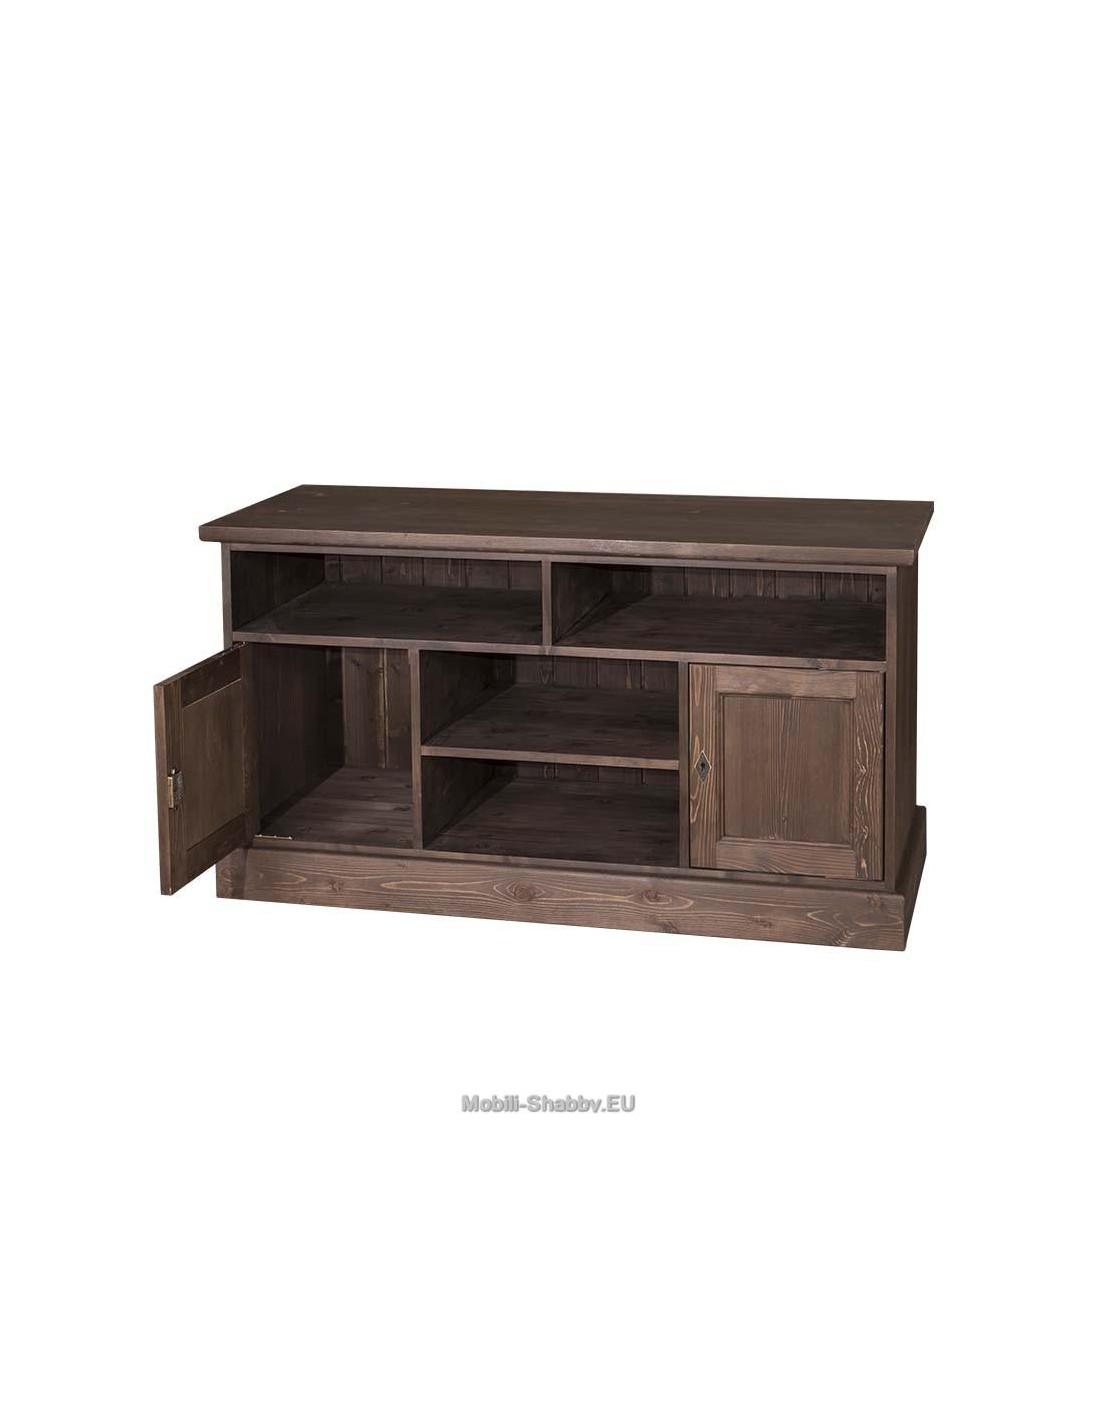 https://www.orissa.it/store/916-thickbox_default/credenza-porta-tv-legno-colorato-129cm.jpg